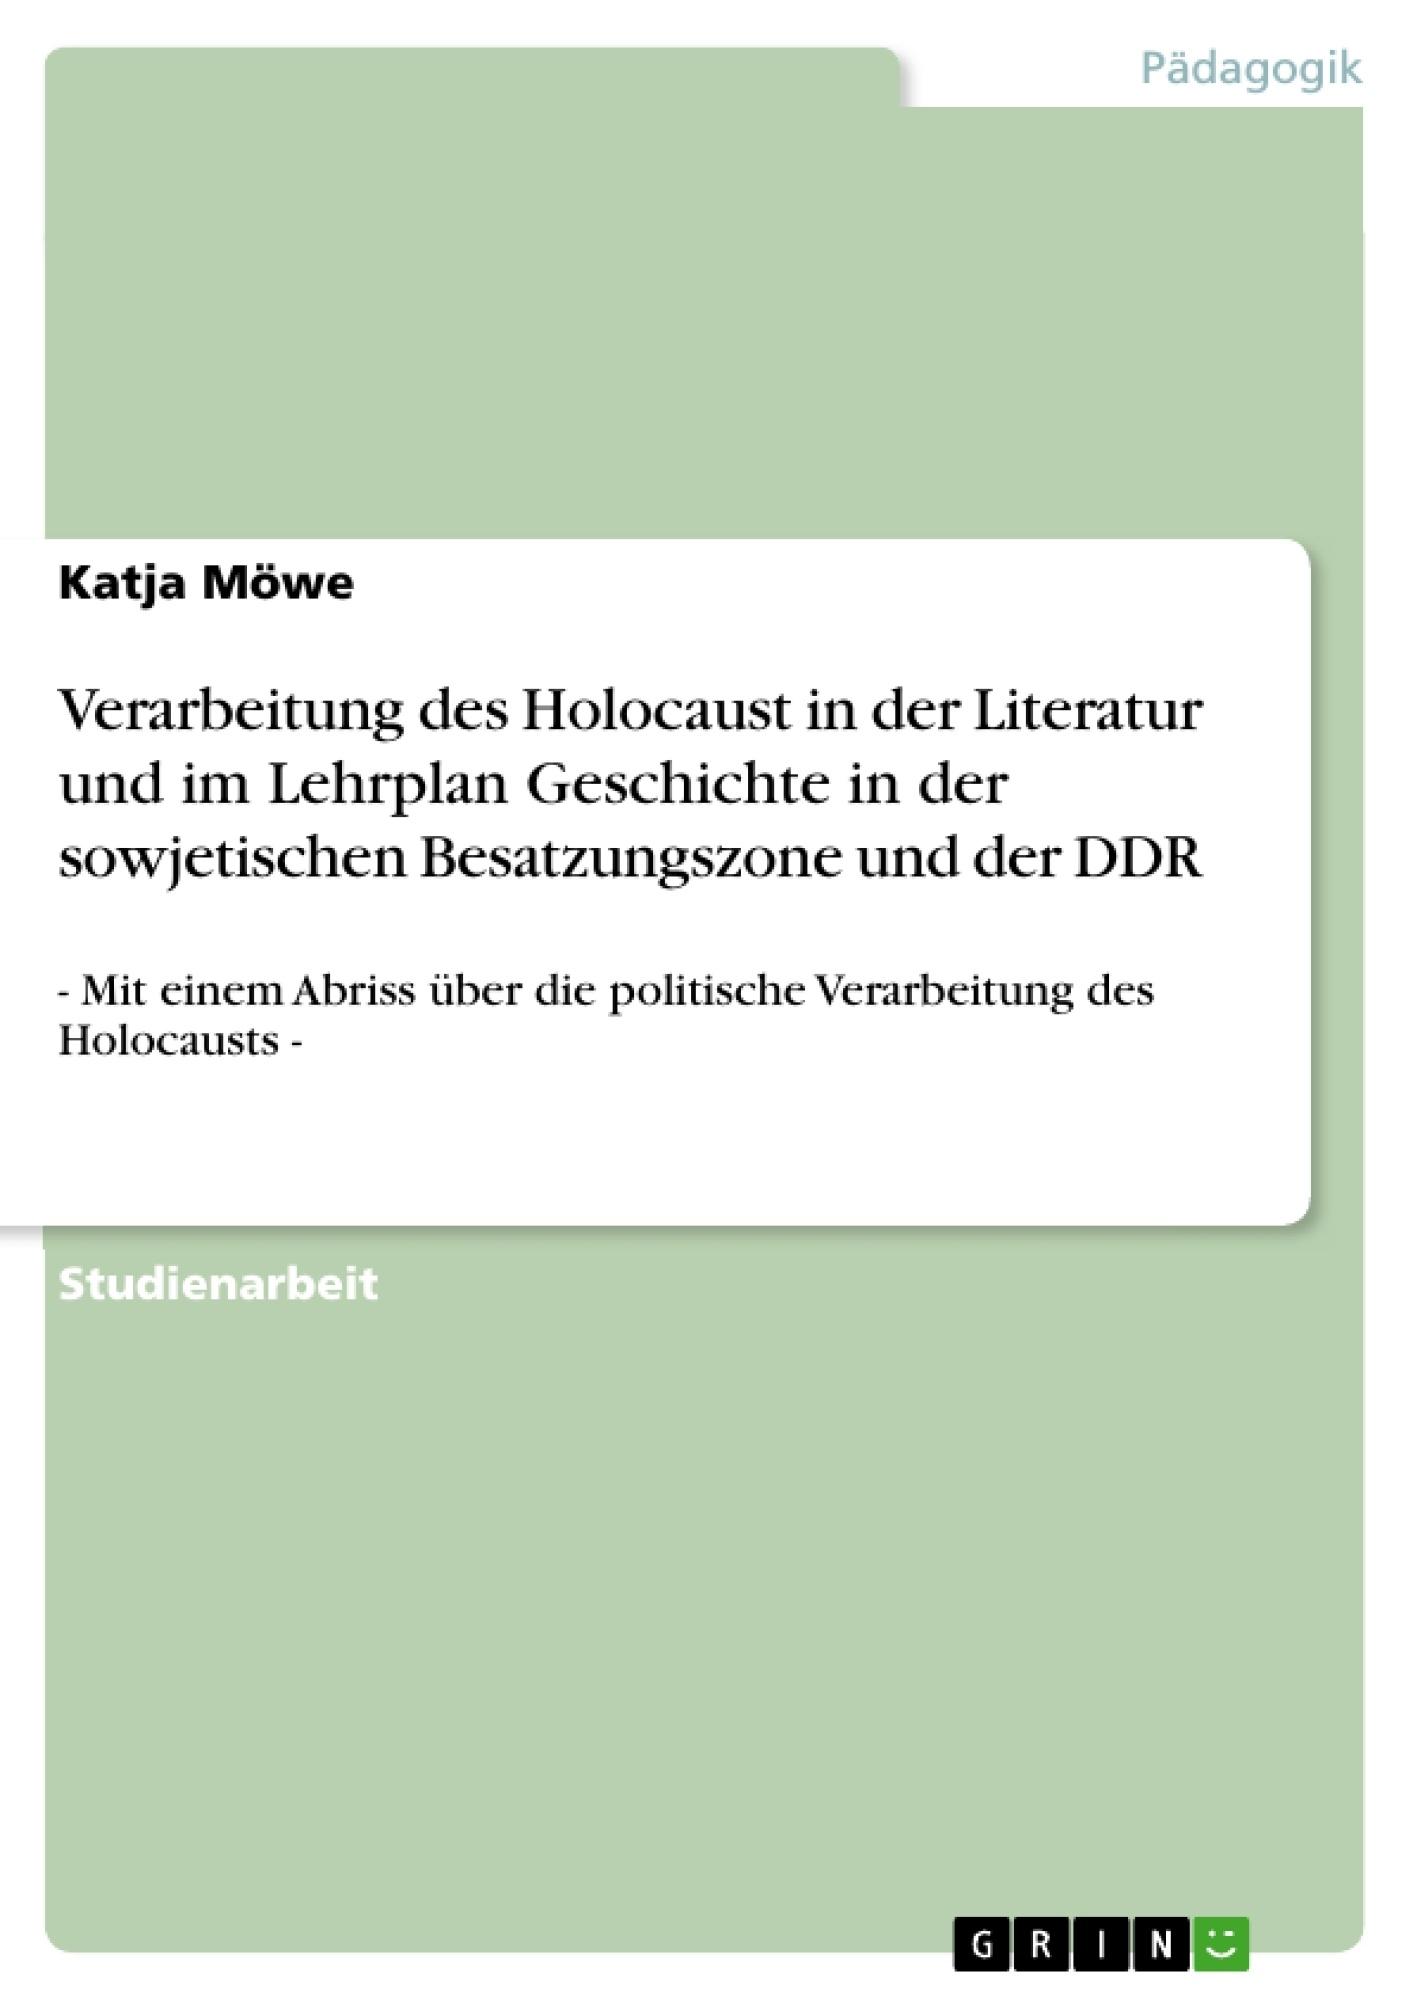 Titel: Verarbeitung des Holocaust in der Literatur und im Lehrplan Geschichte in der sowjetischen Besatzungszone und der DDR